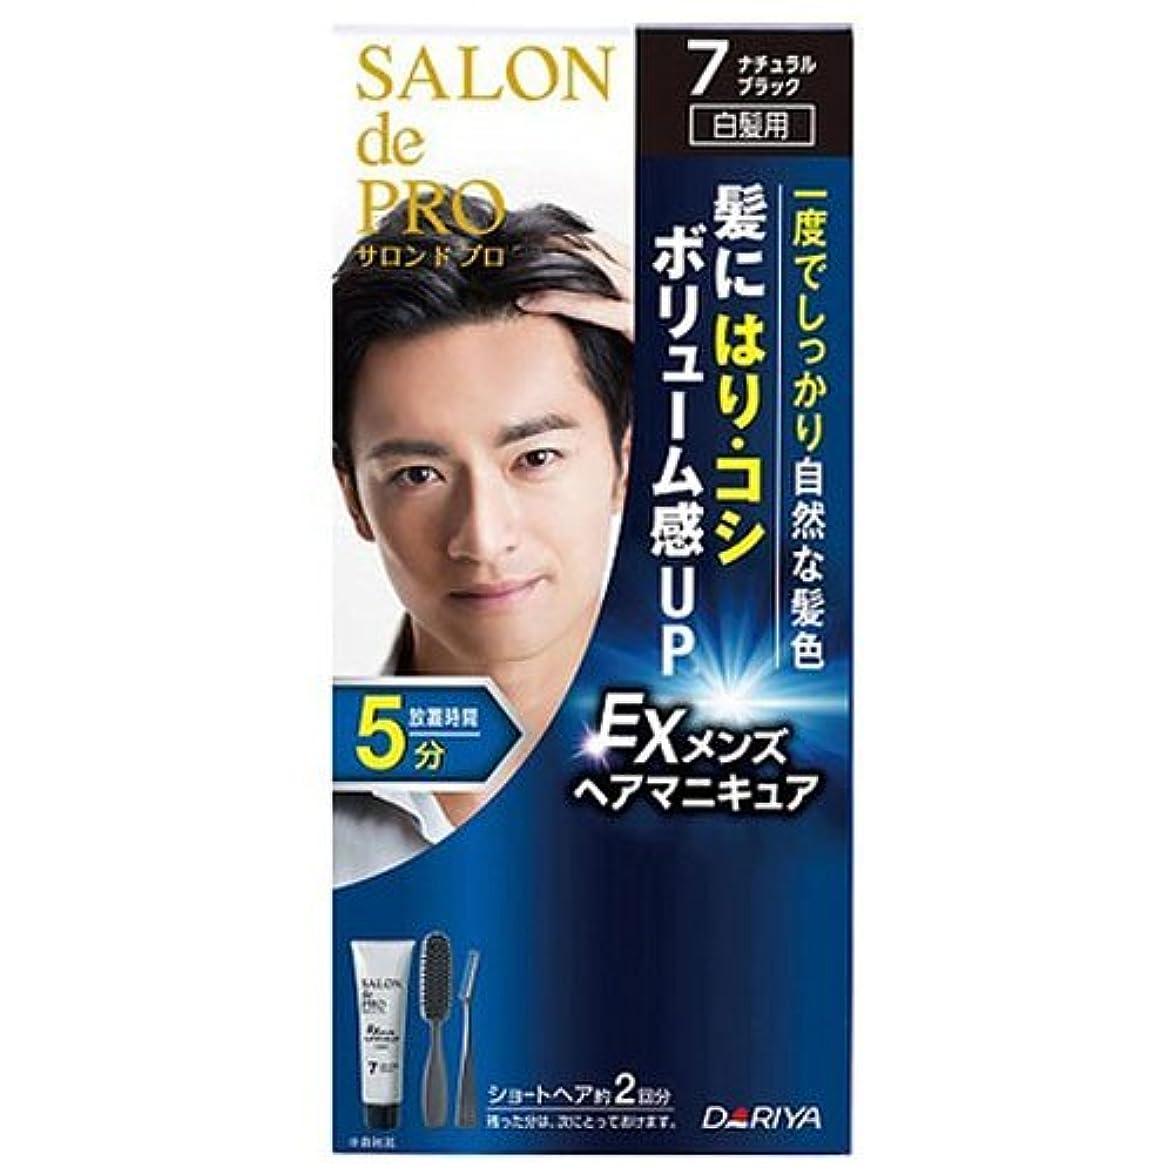 利得実行可能保持サロンドプロ EXメンズヘアマニキュア 白髪用 7 ナチュラルブラック